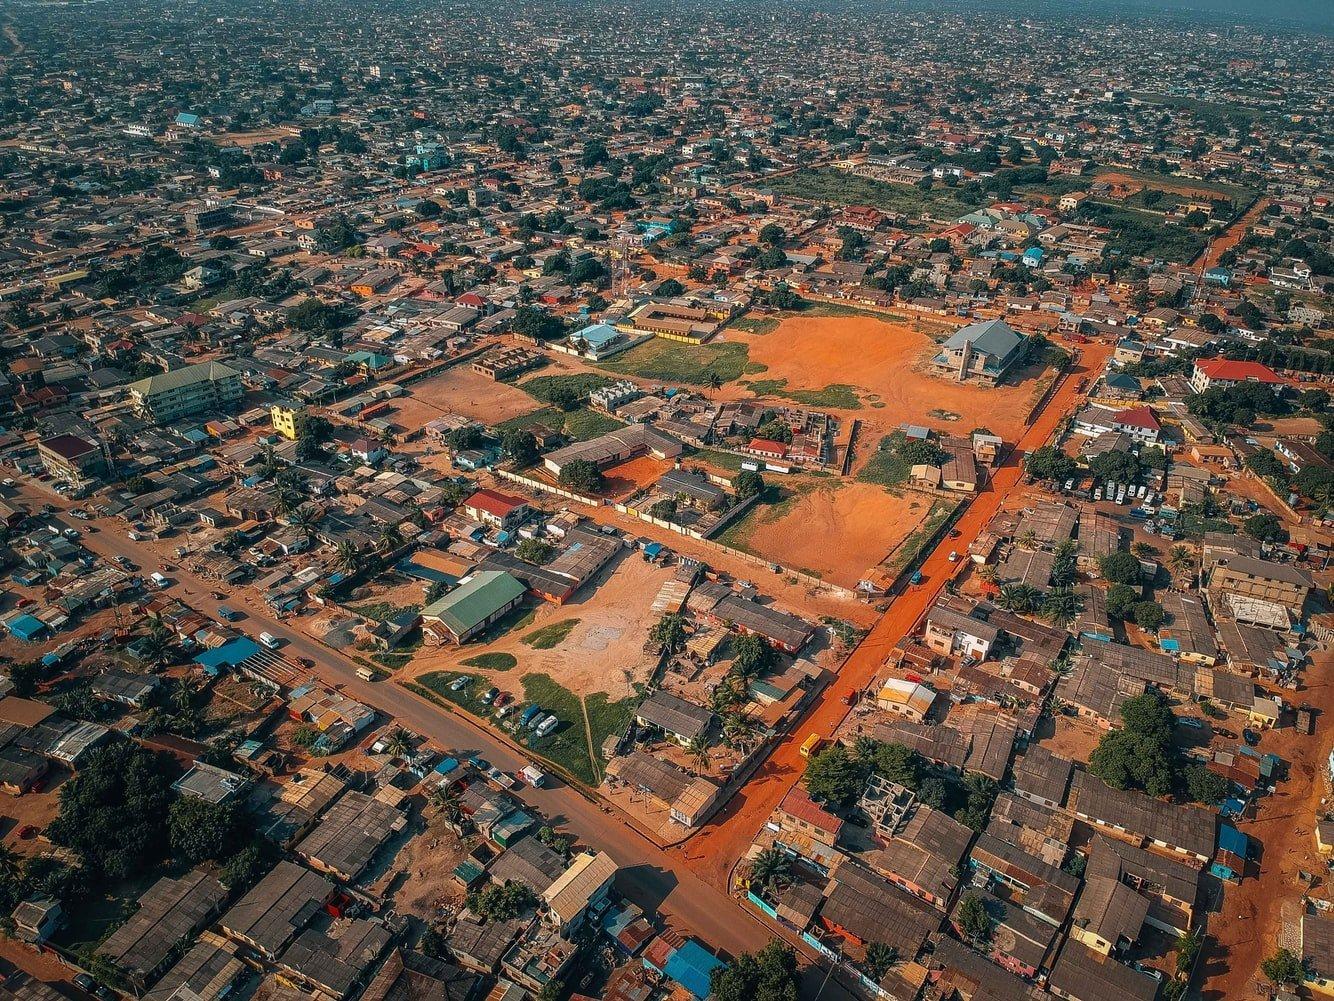 Vogelperspektive auf Accra in Ghana